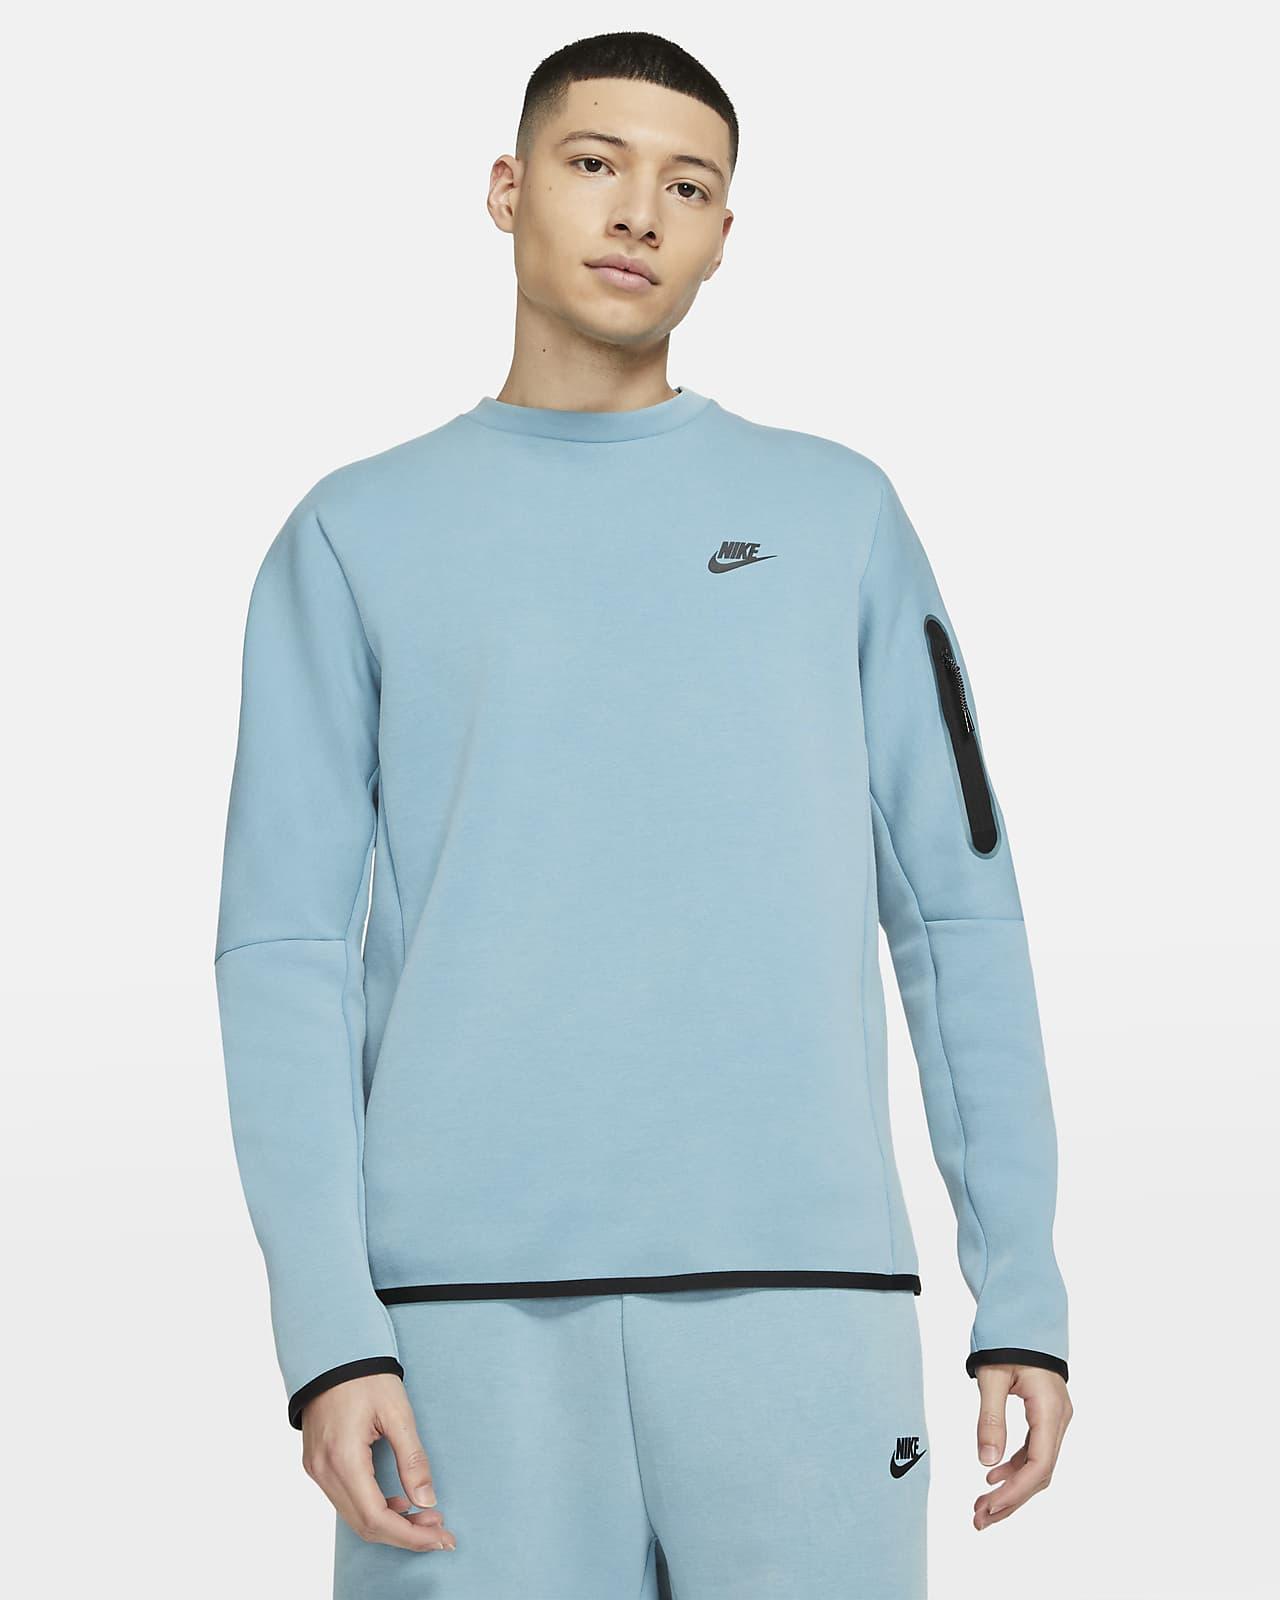 Nike Sportswear Tech Fleece Men's Washed Crew